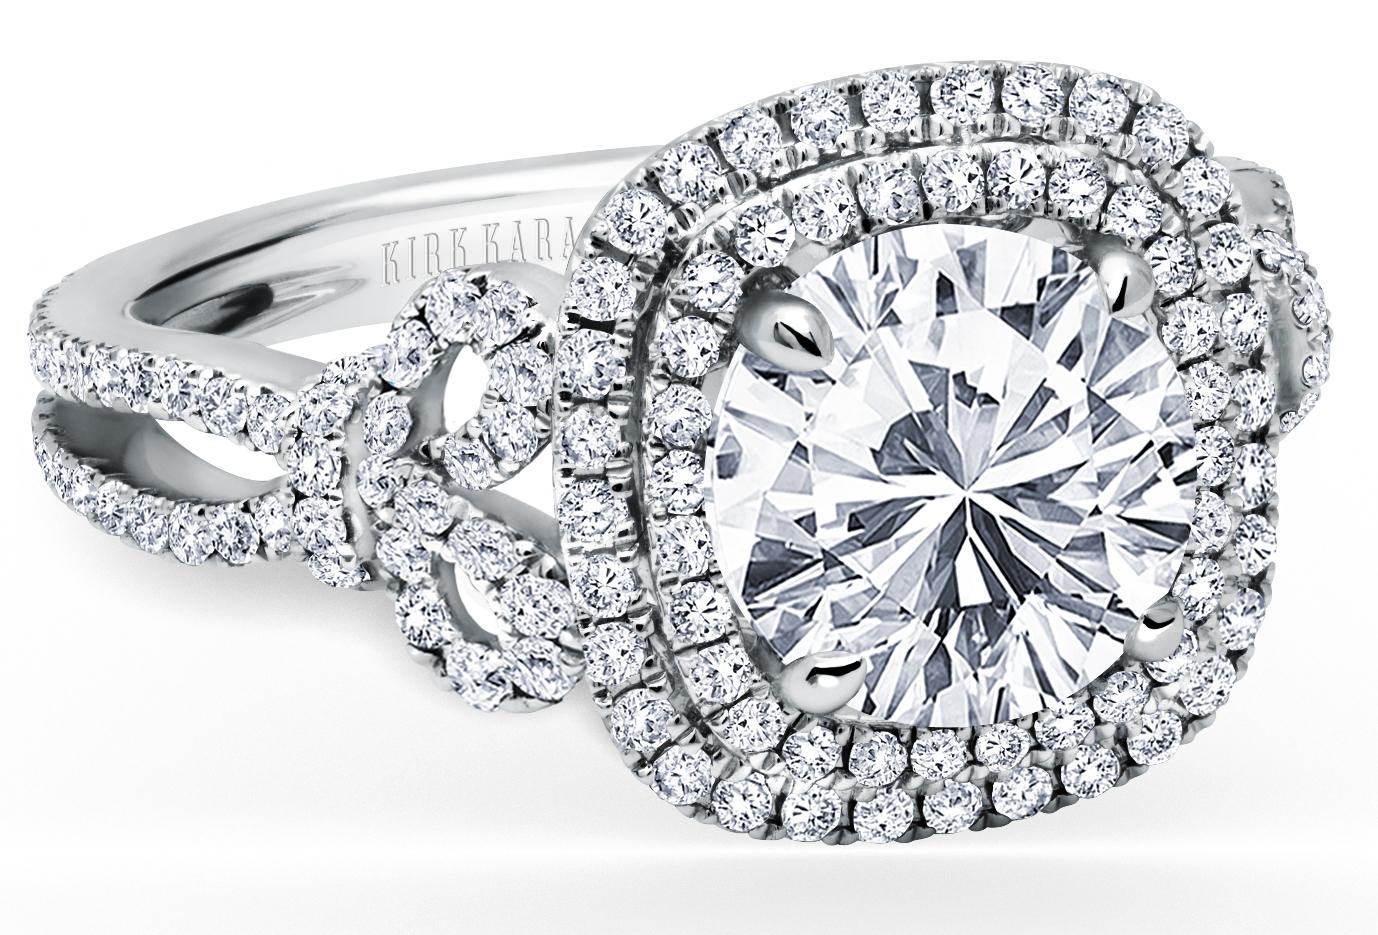 Kirk Kara Pirouetta engagement ring   JCK Supplier News